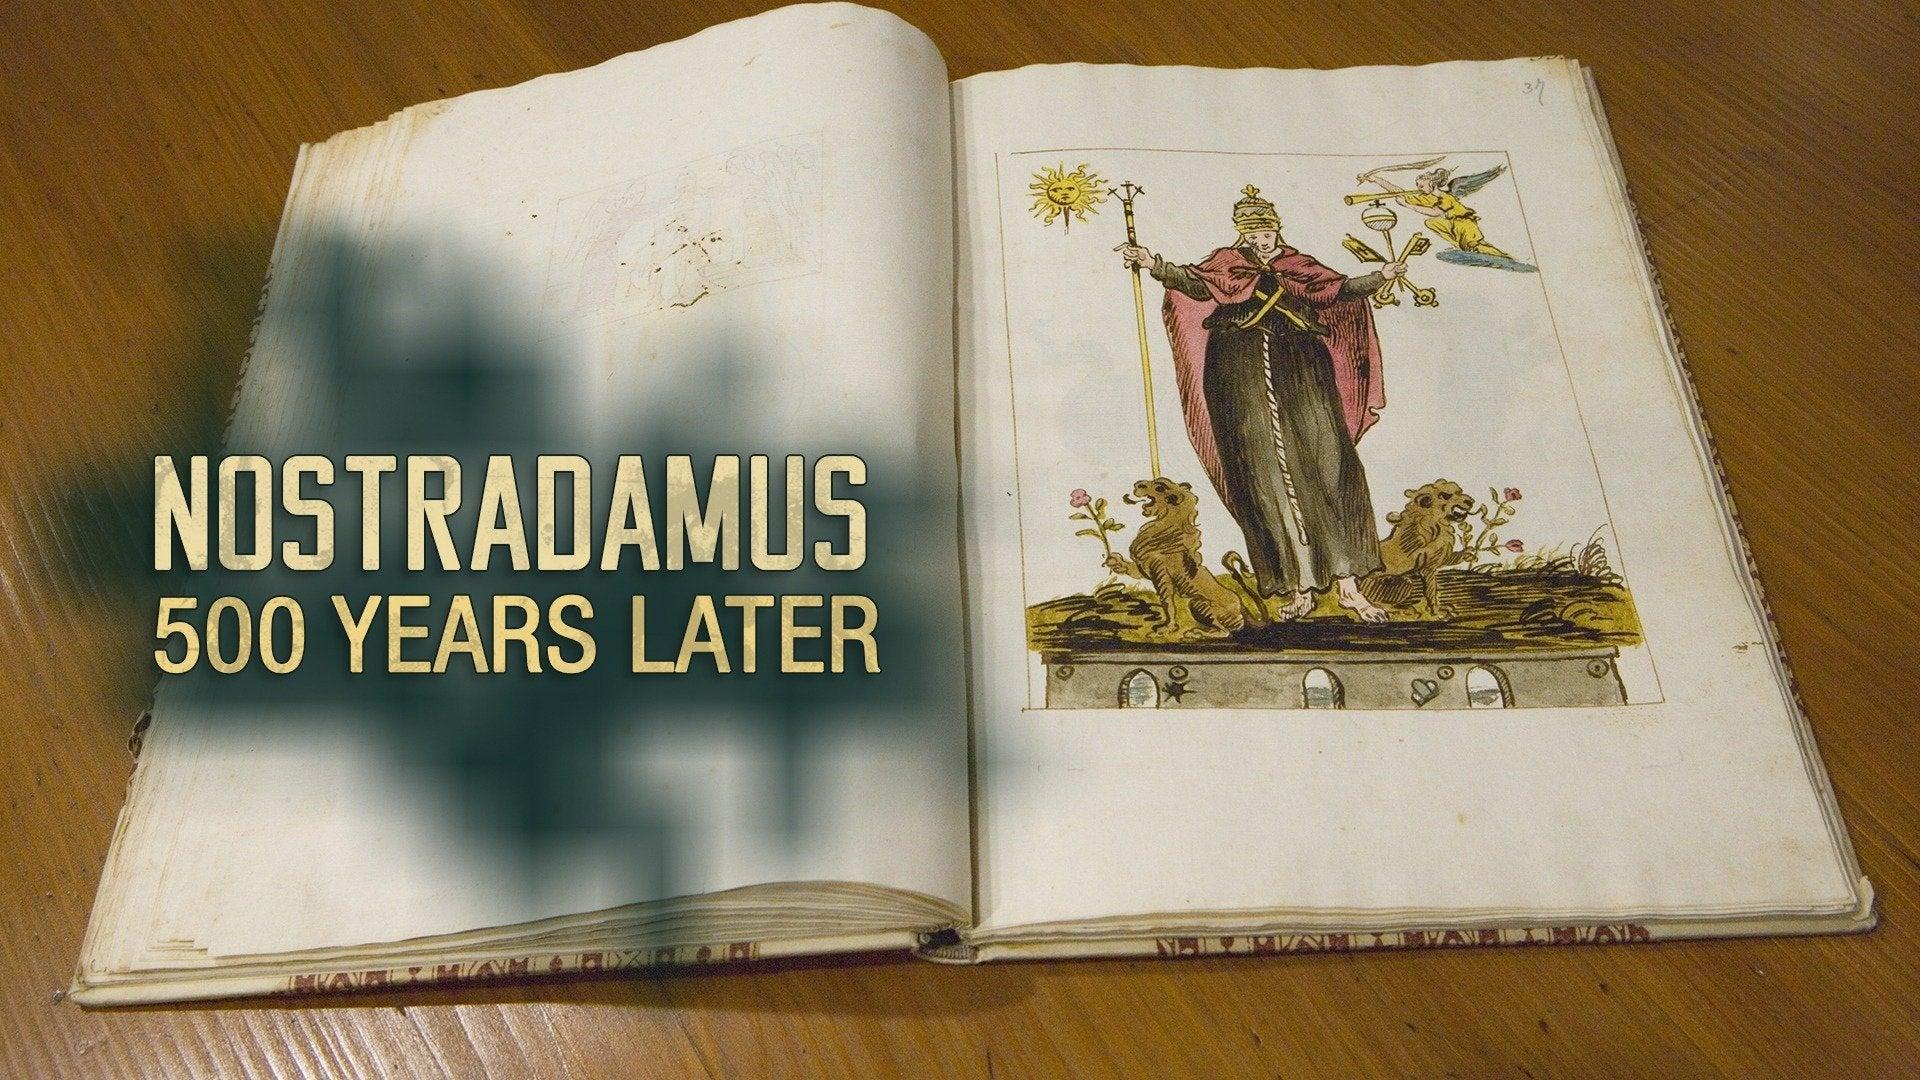 Nostradamus: 500 Years Later